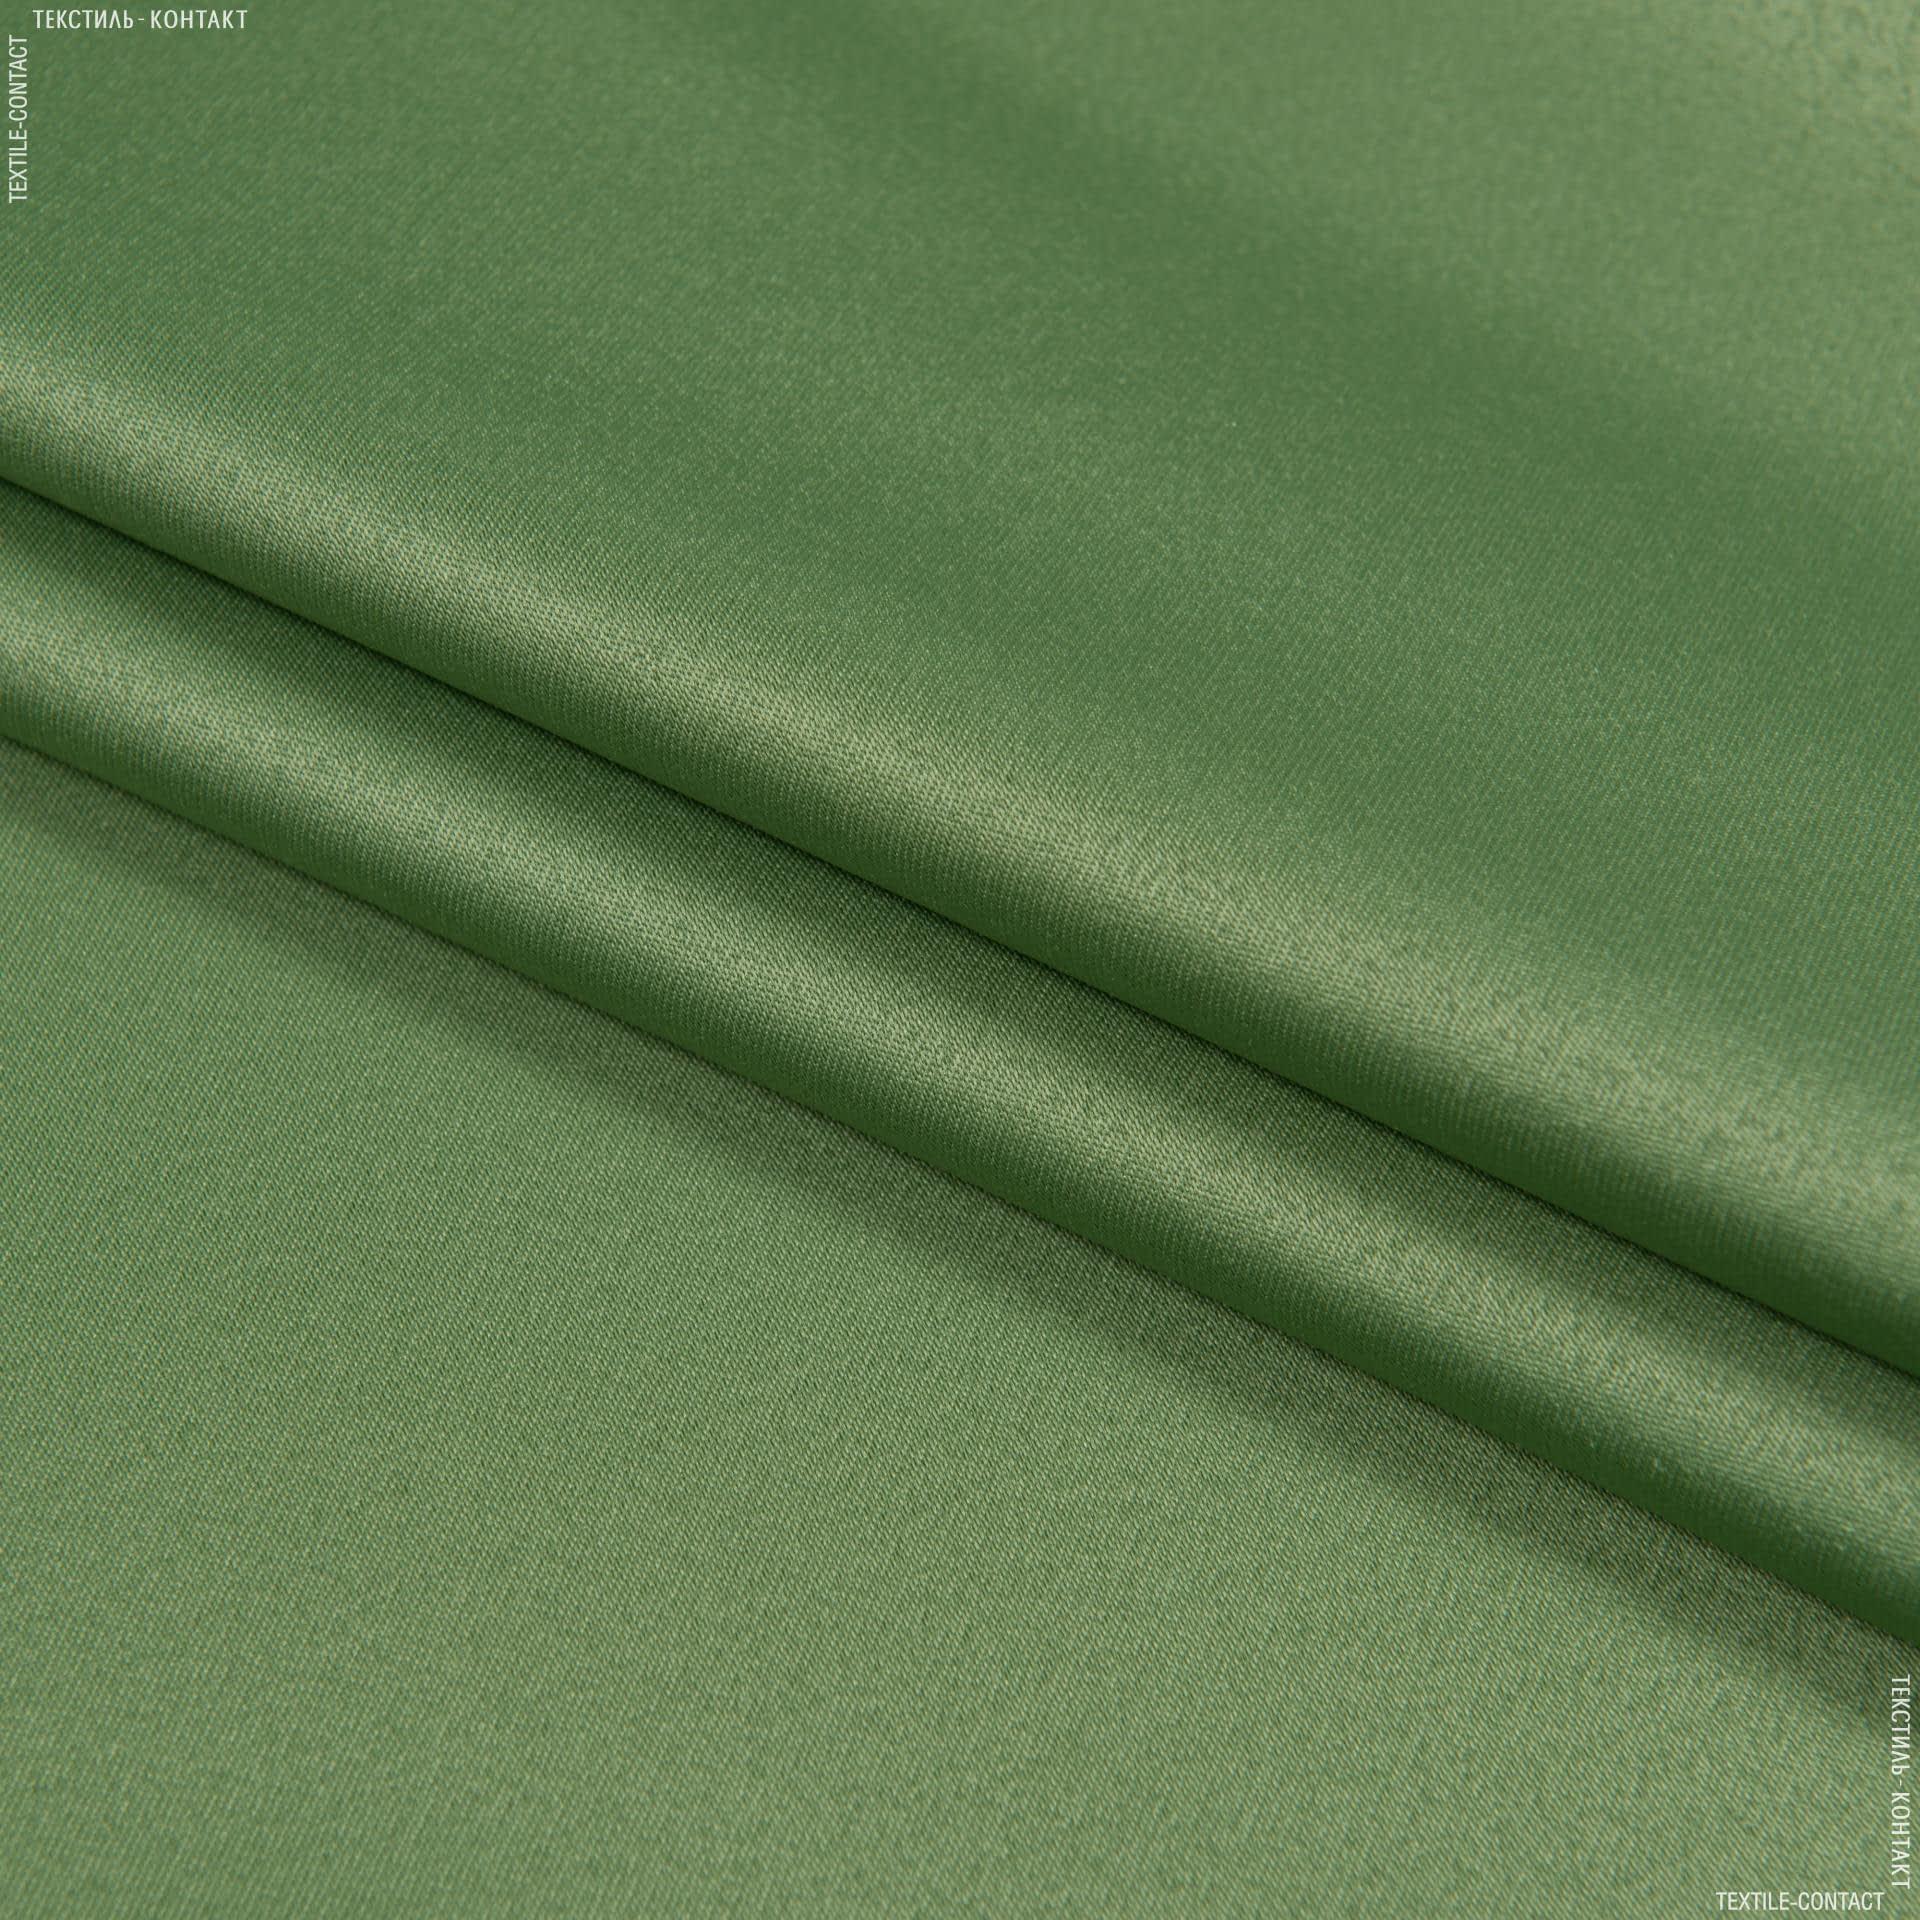 Ткани портьерные ткани - Декоративный  атлас дека/ deca зеленая трава